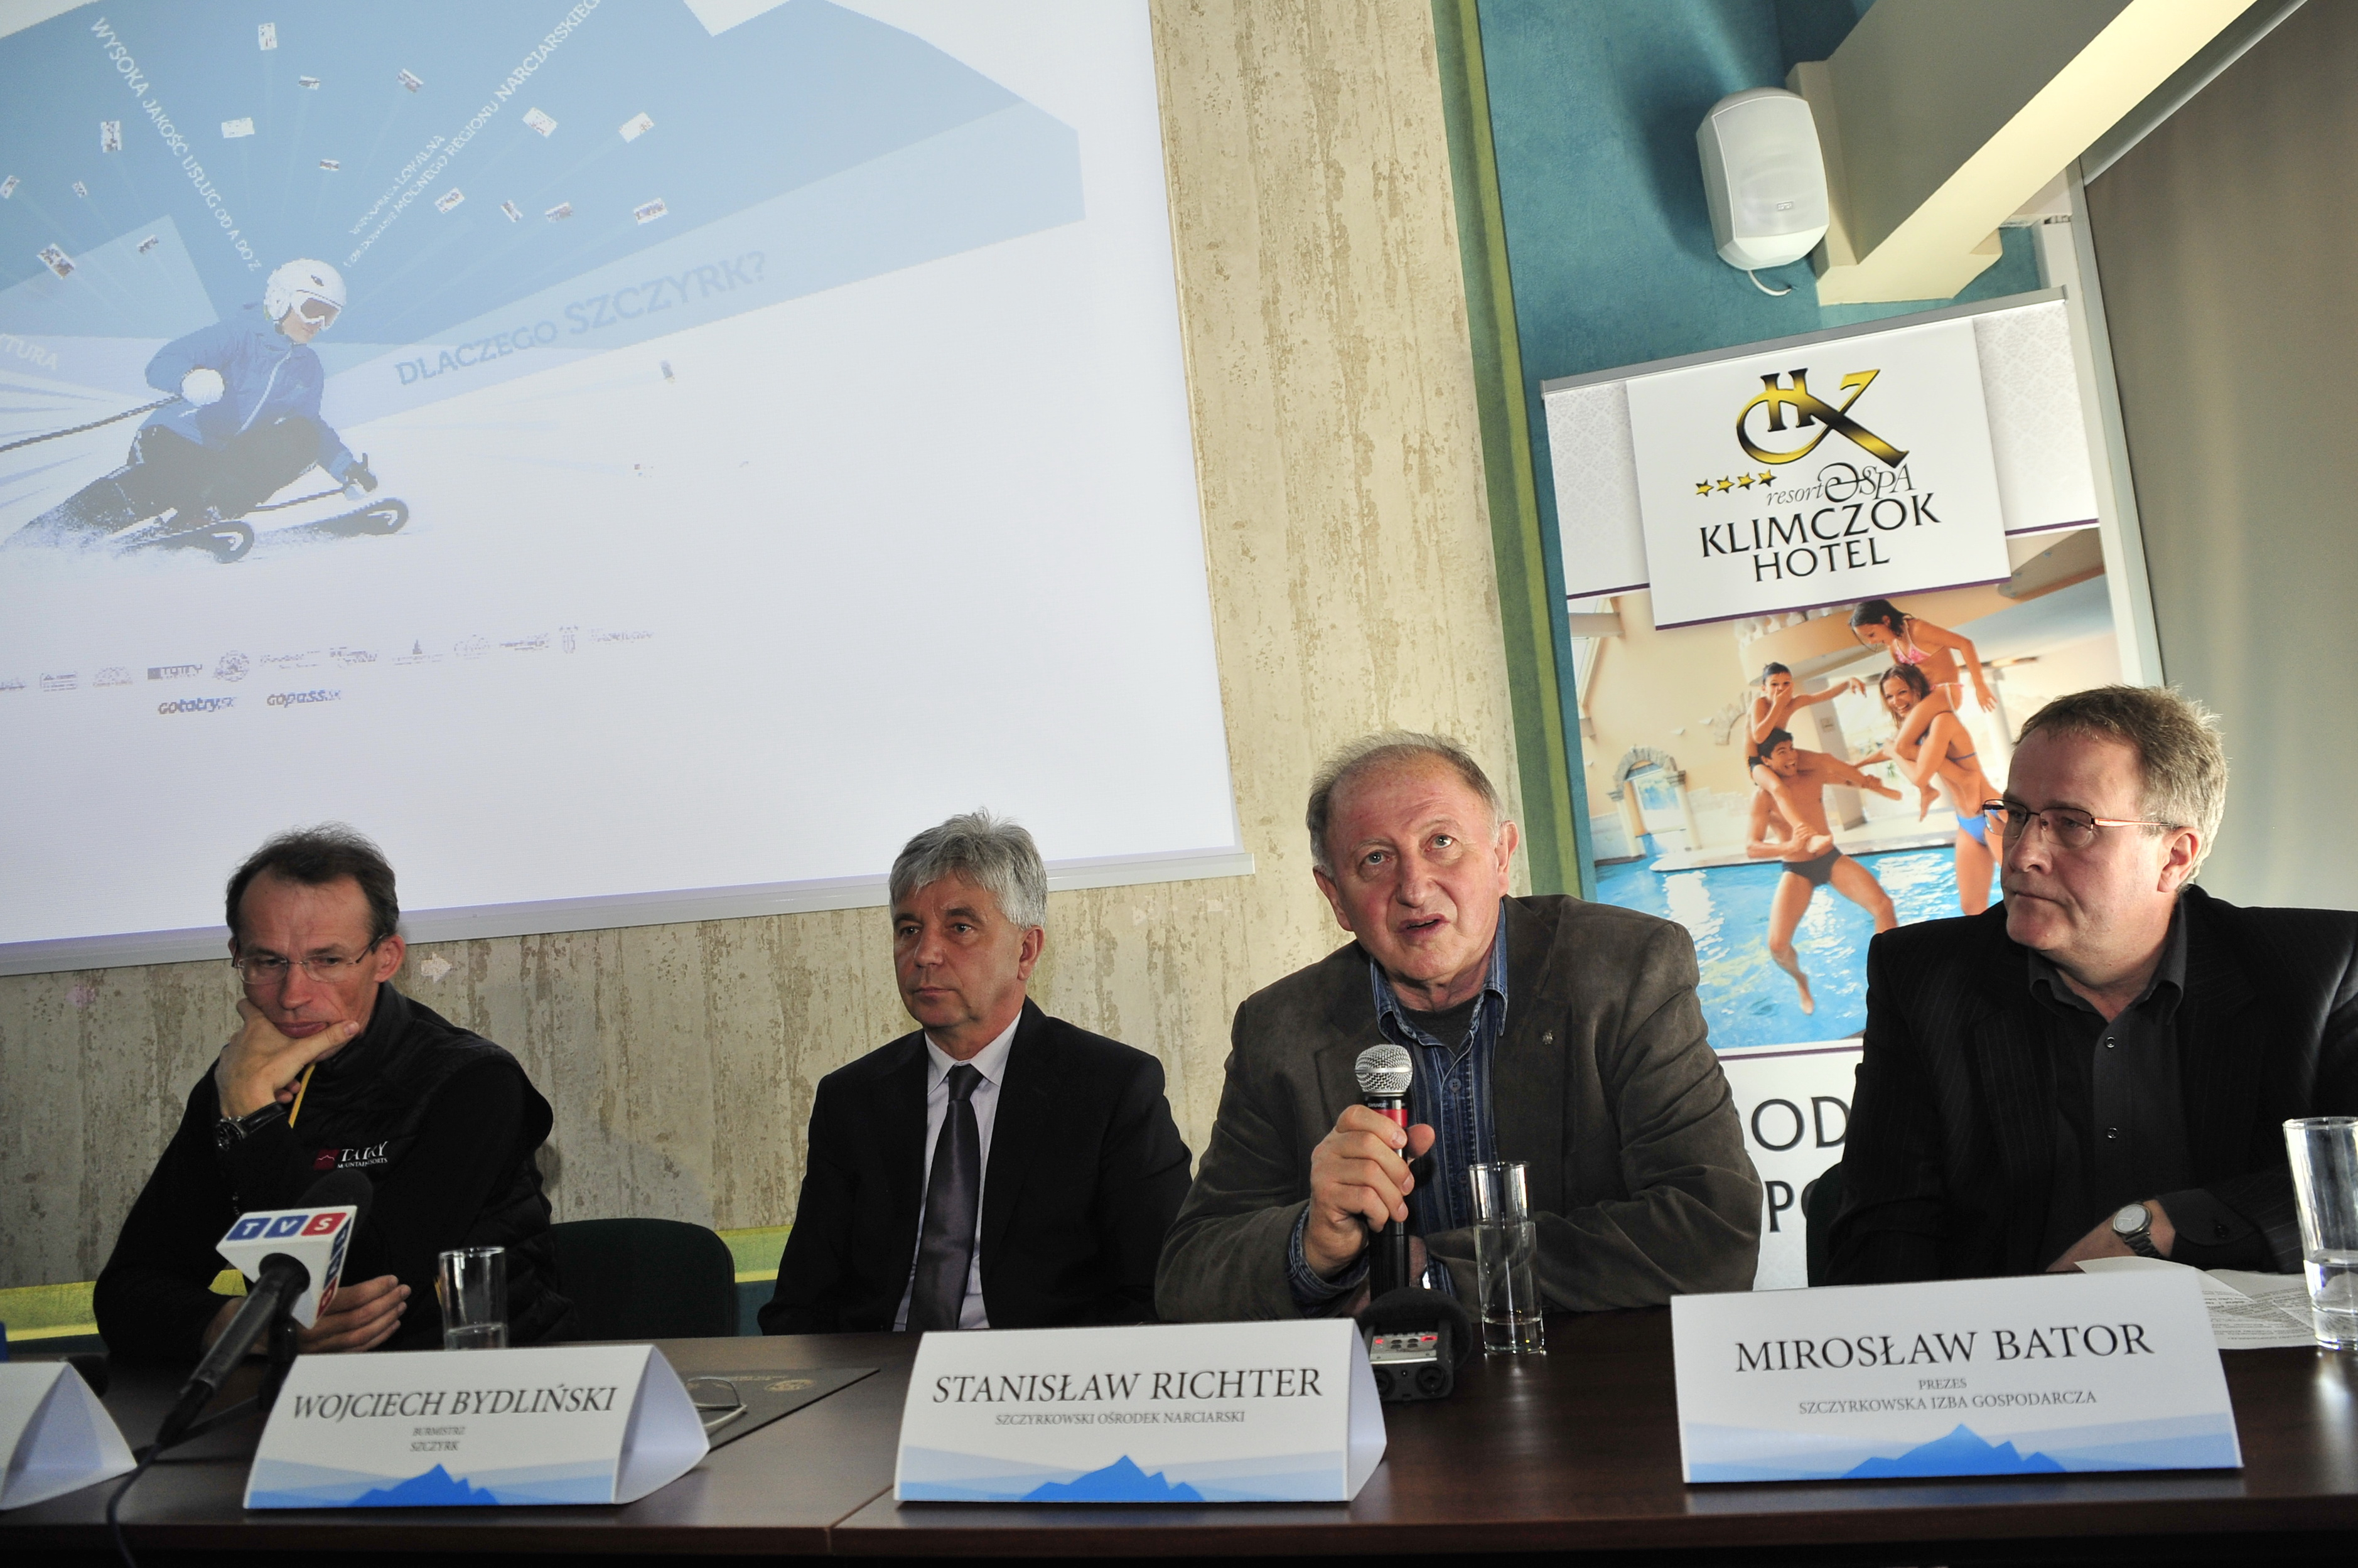 Konferencja prasowa Poczatek nowej ery w Szczyrk